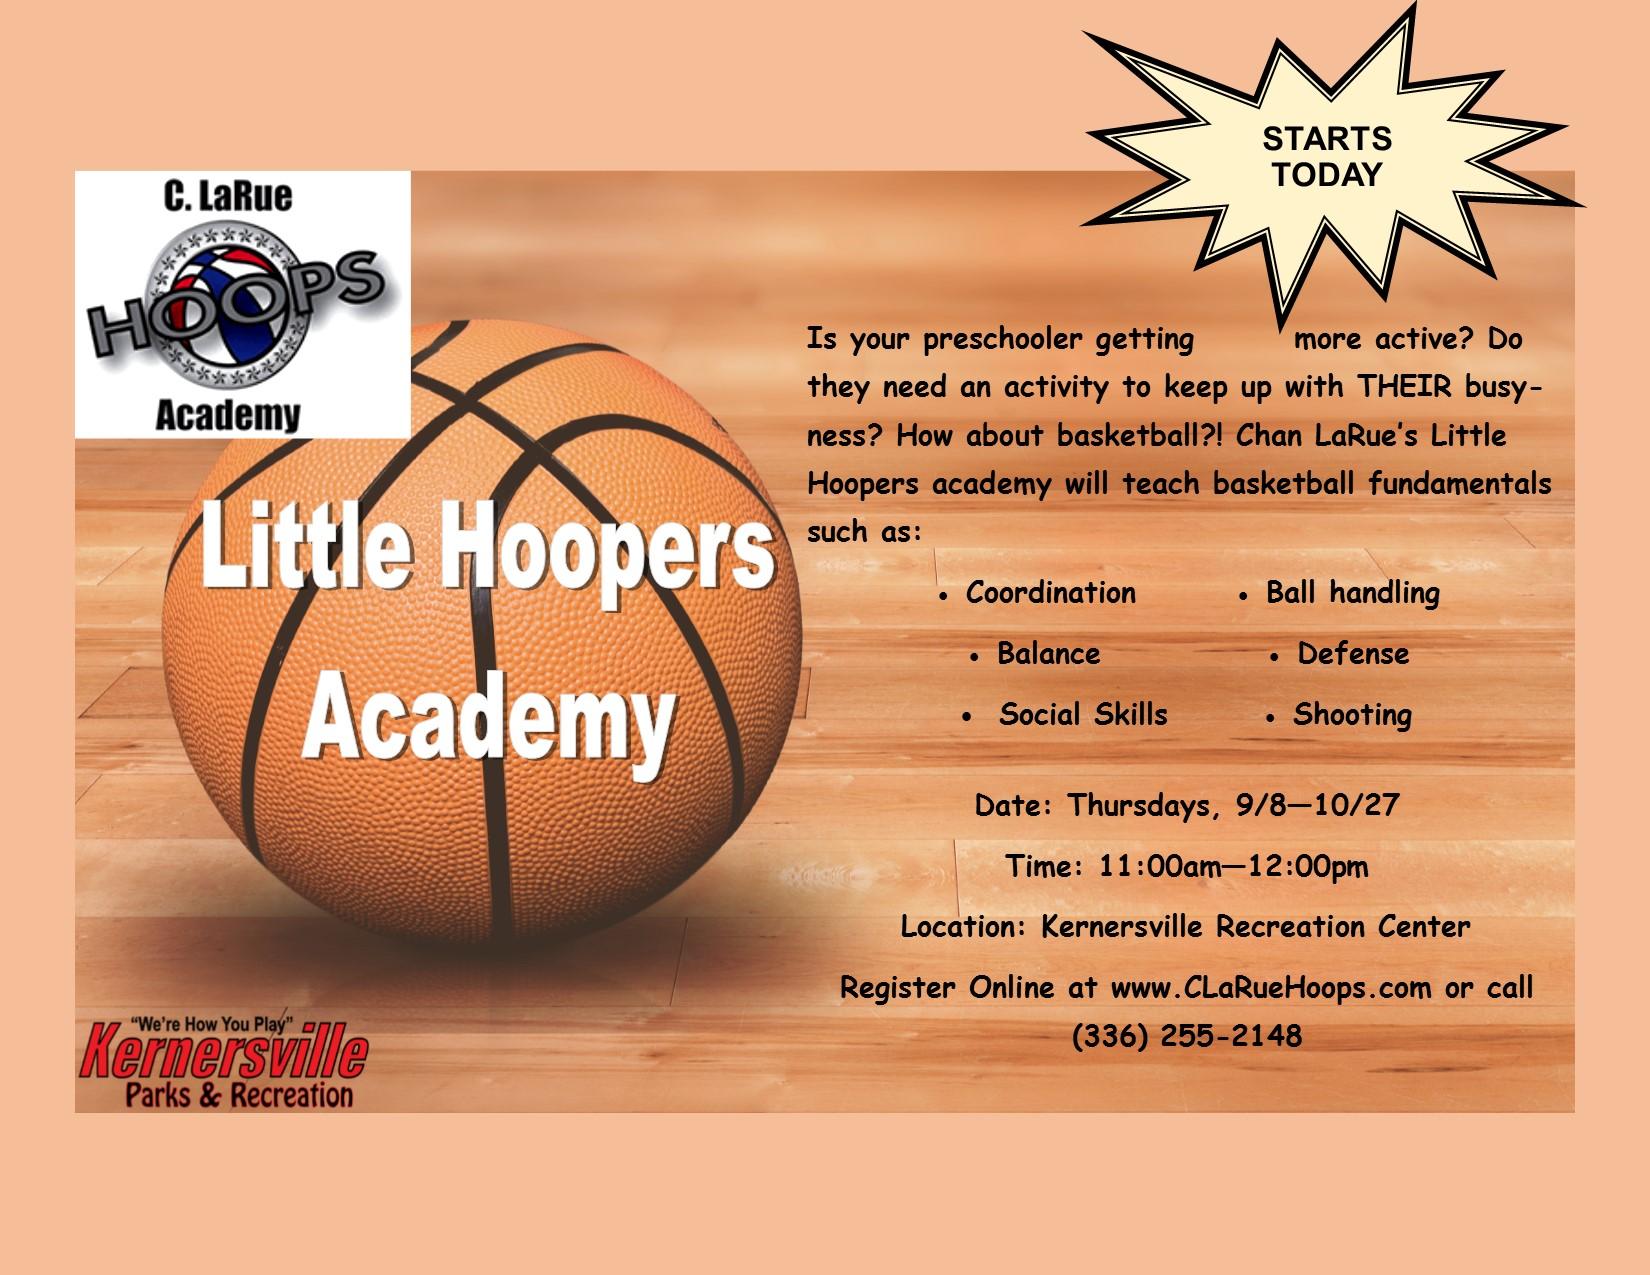 Chan LaRue's Little Hooper Academy